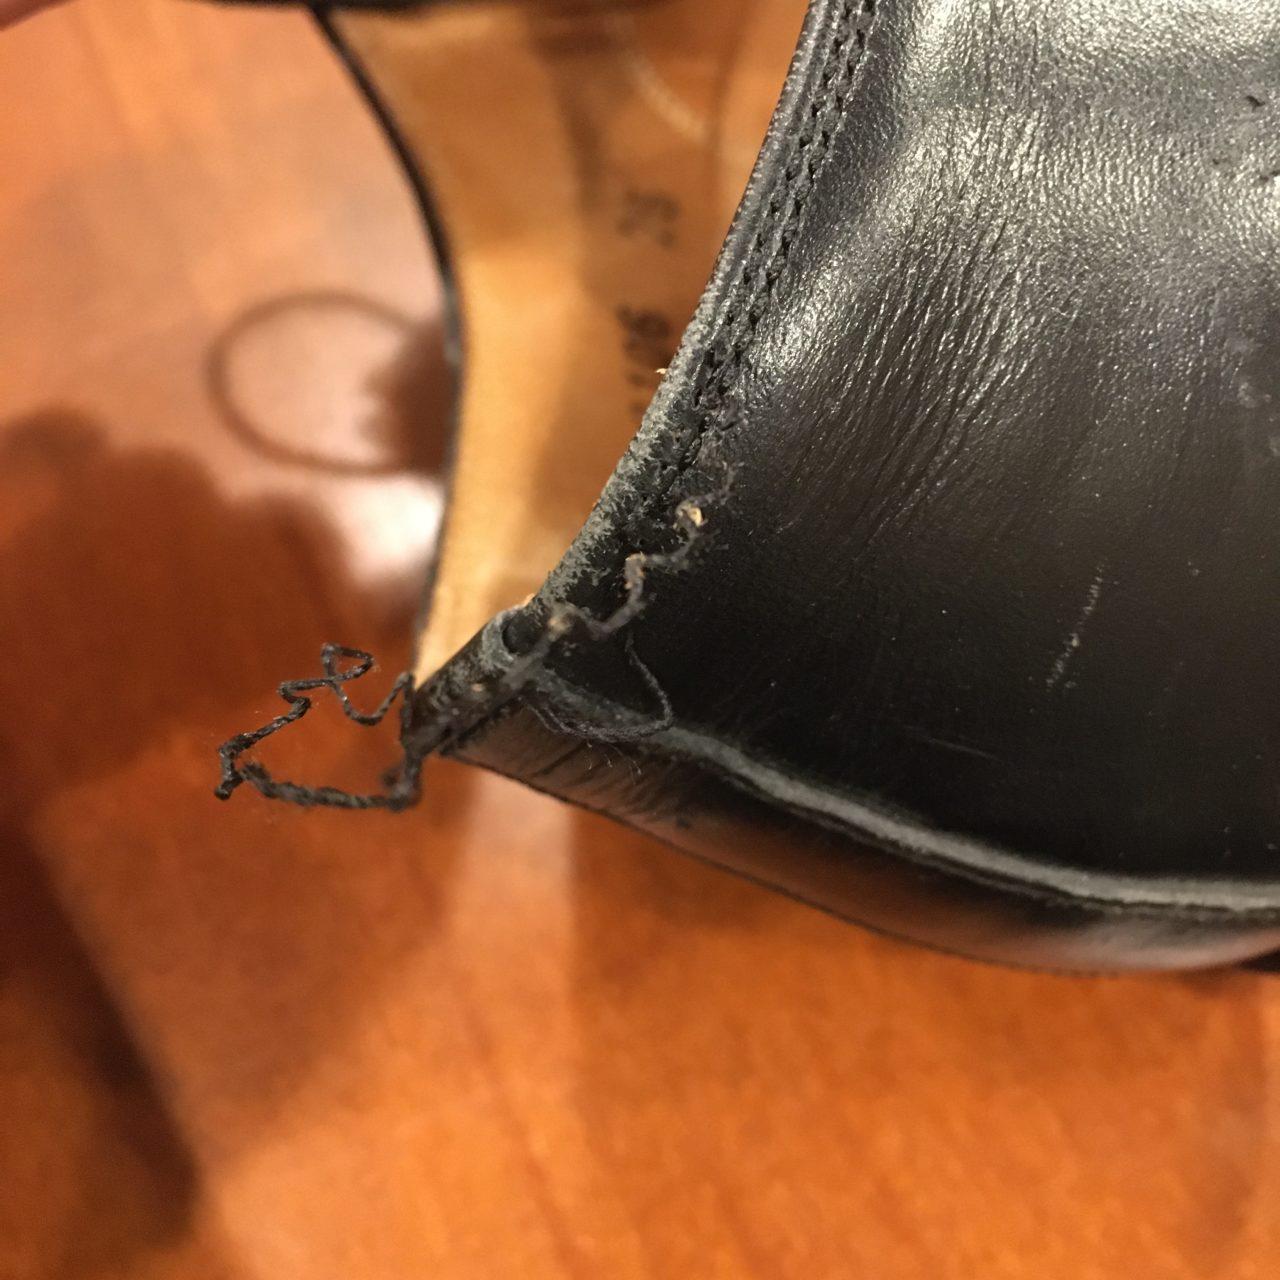 靴のほつれを縫い直して今後の対策を!